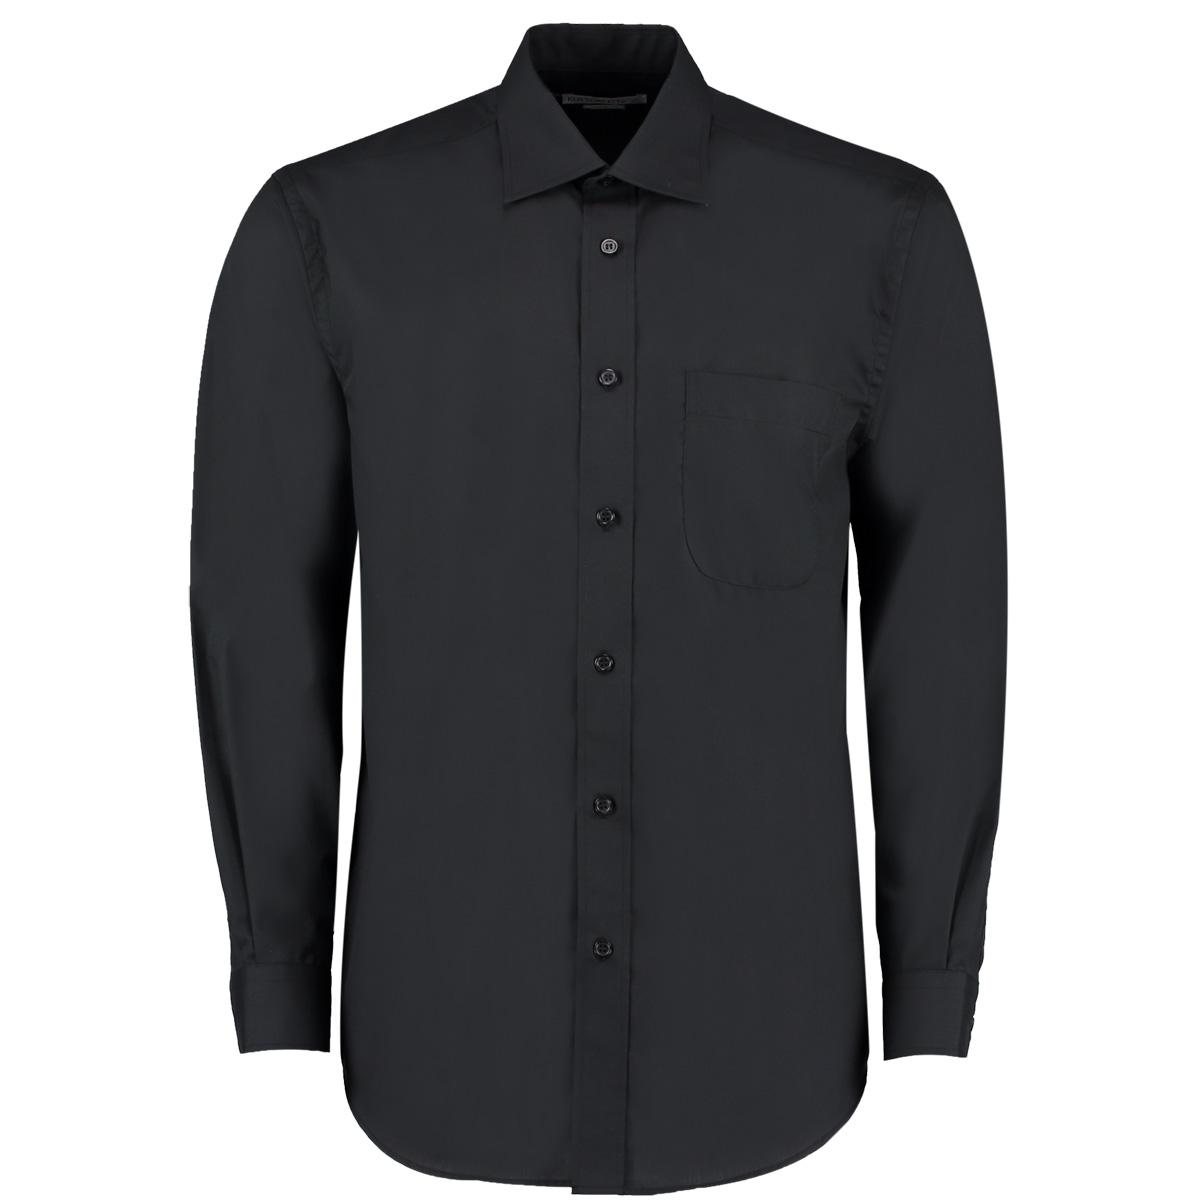 KK104 Business Shirt - Kustom Kit